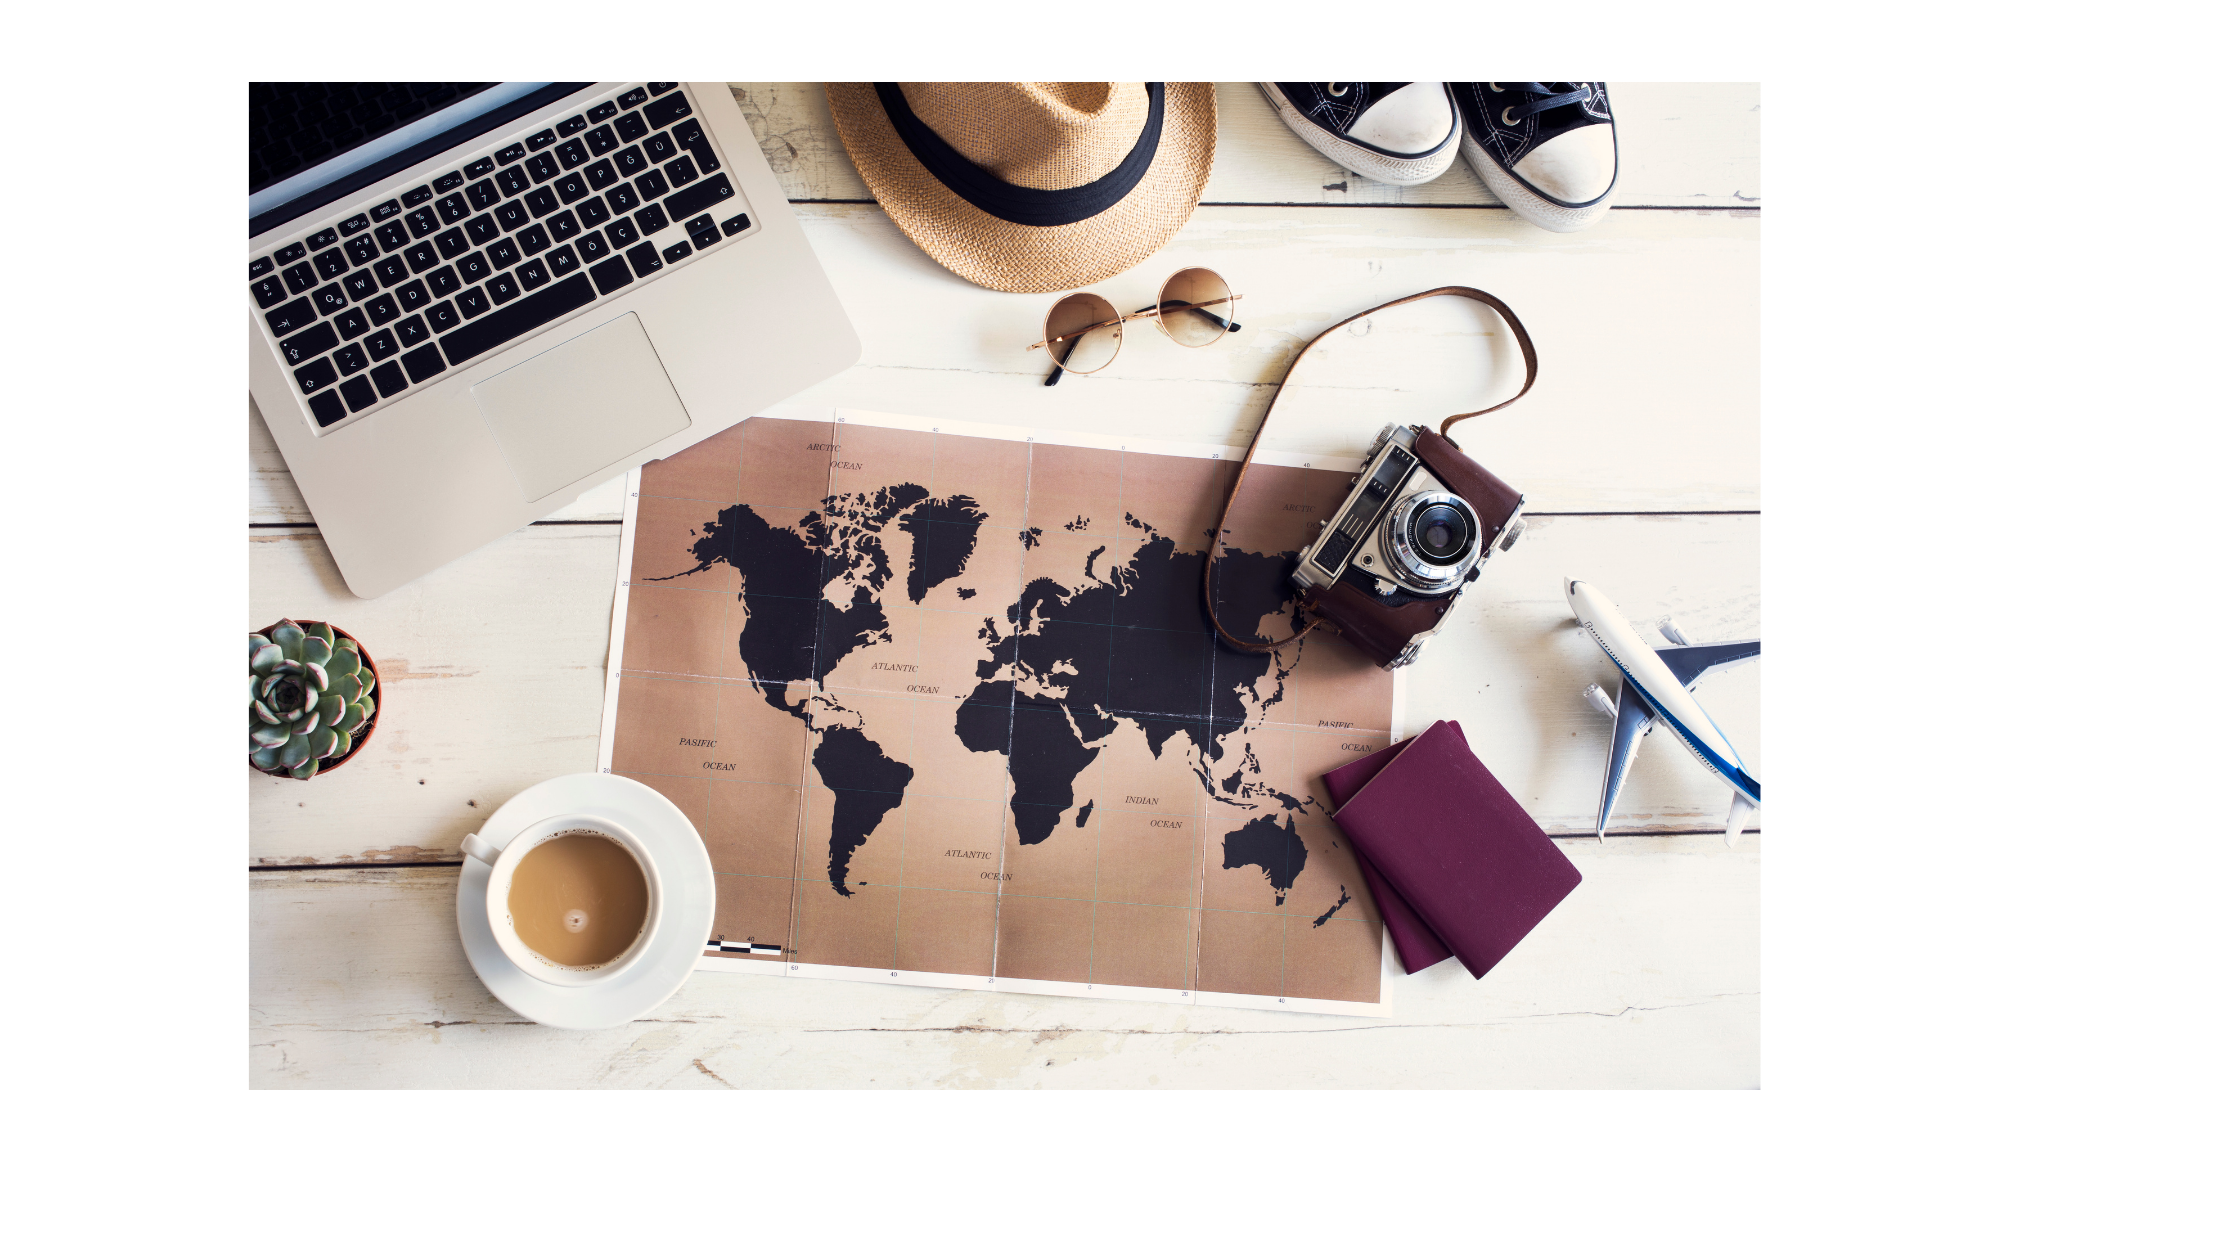 Yrittäjäbuusti matkailualan toimijoille - Forssa 2021- etäosallistuminen mahdollista